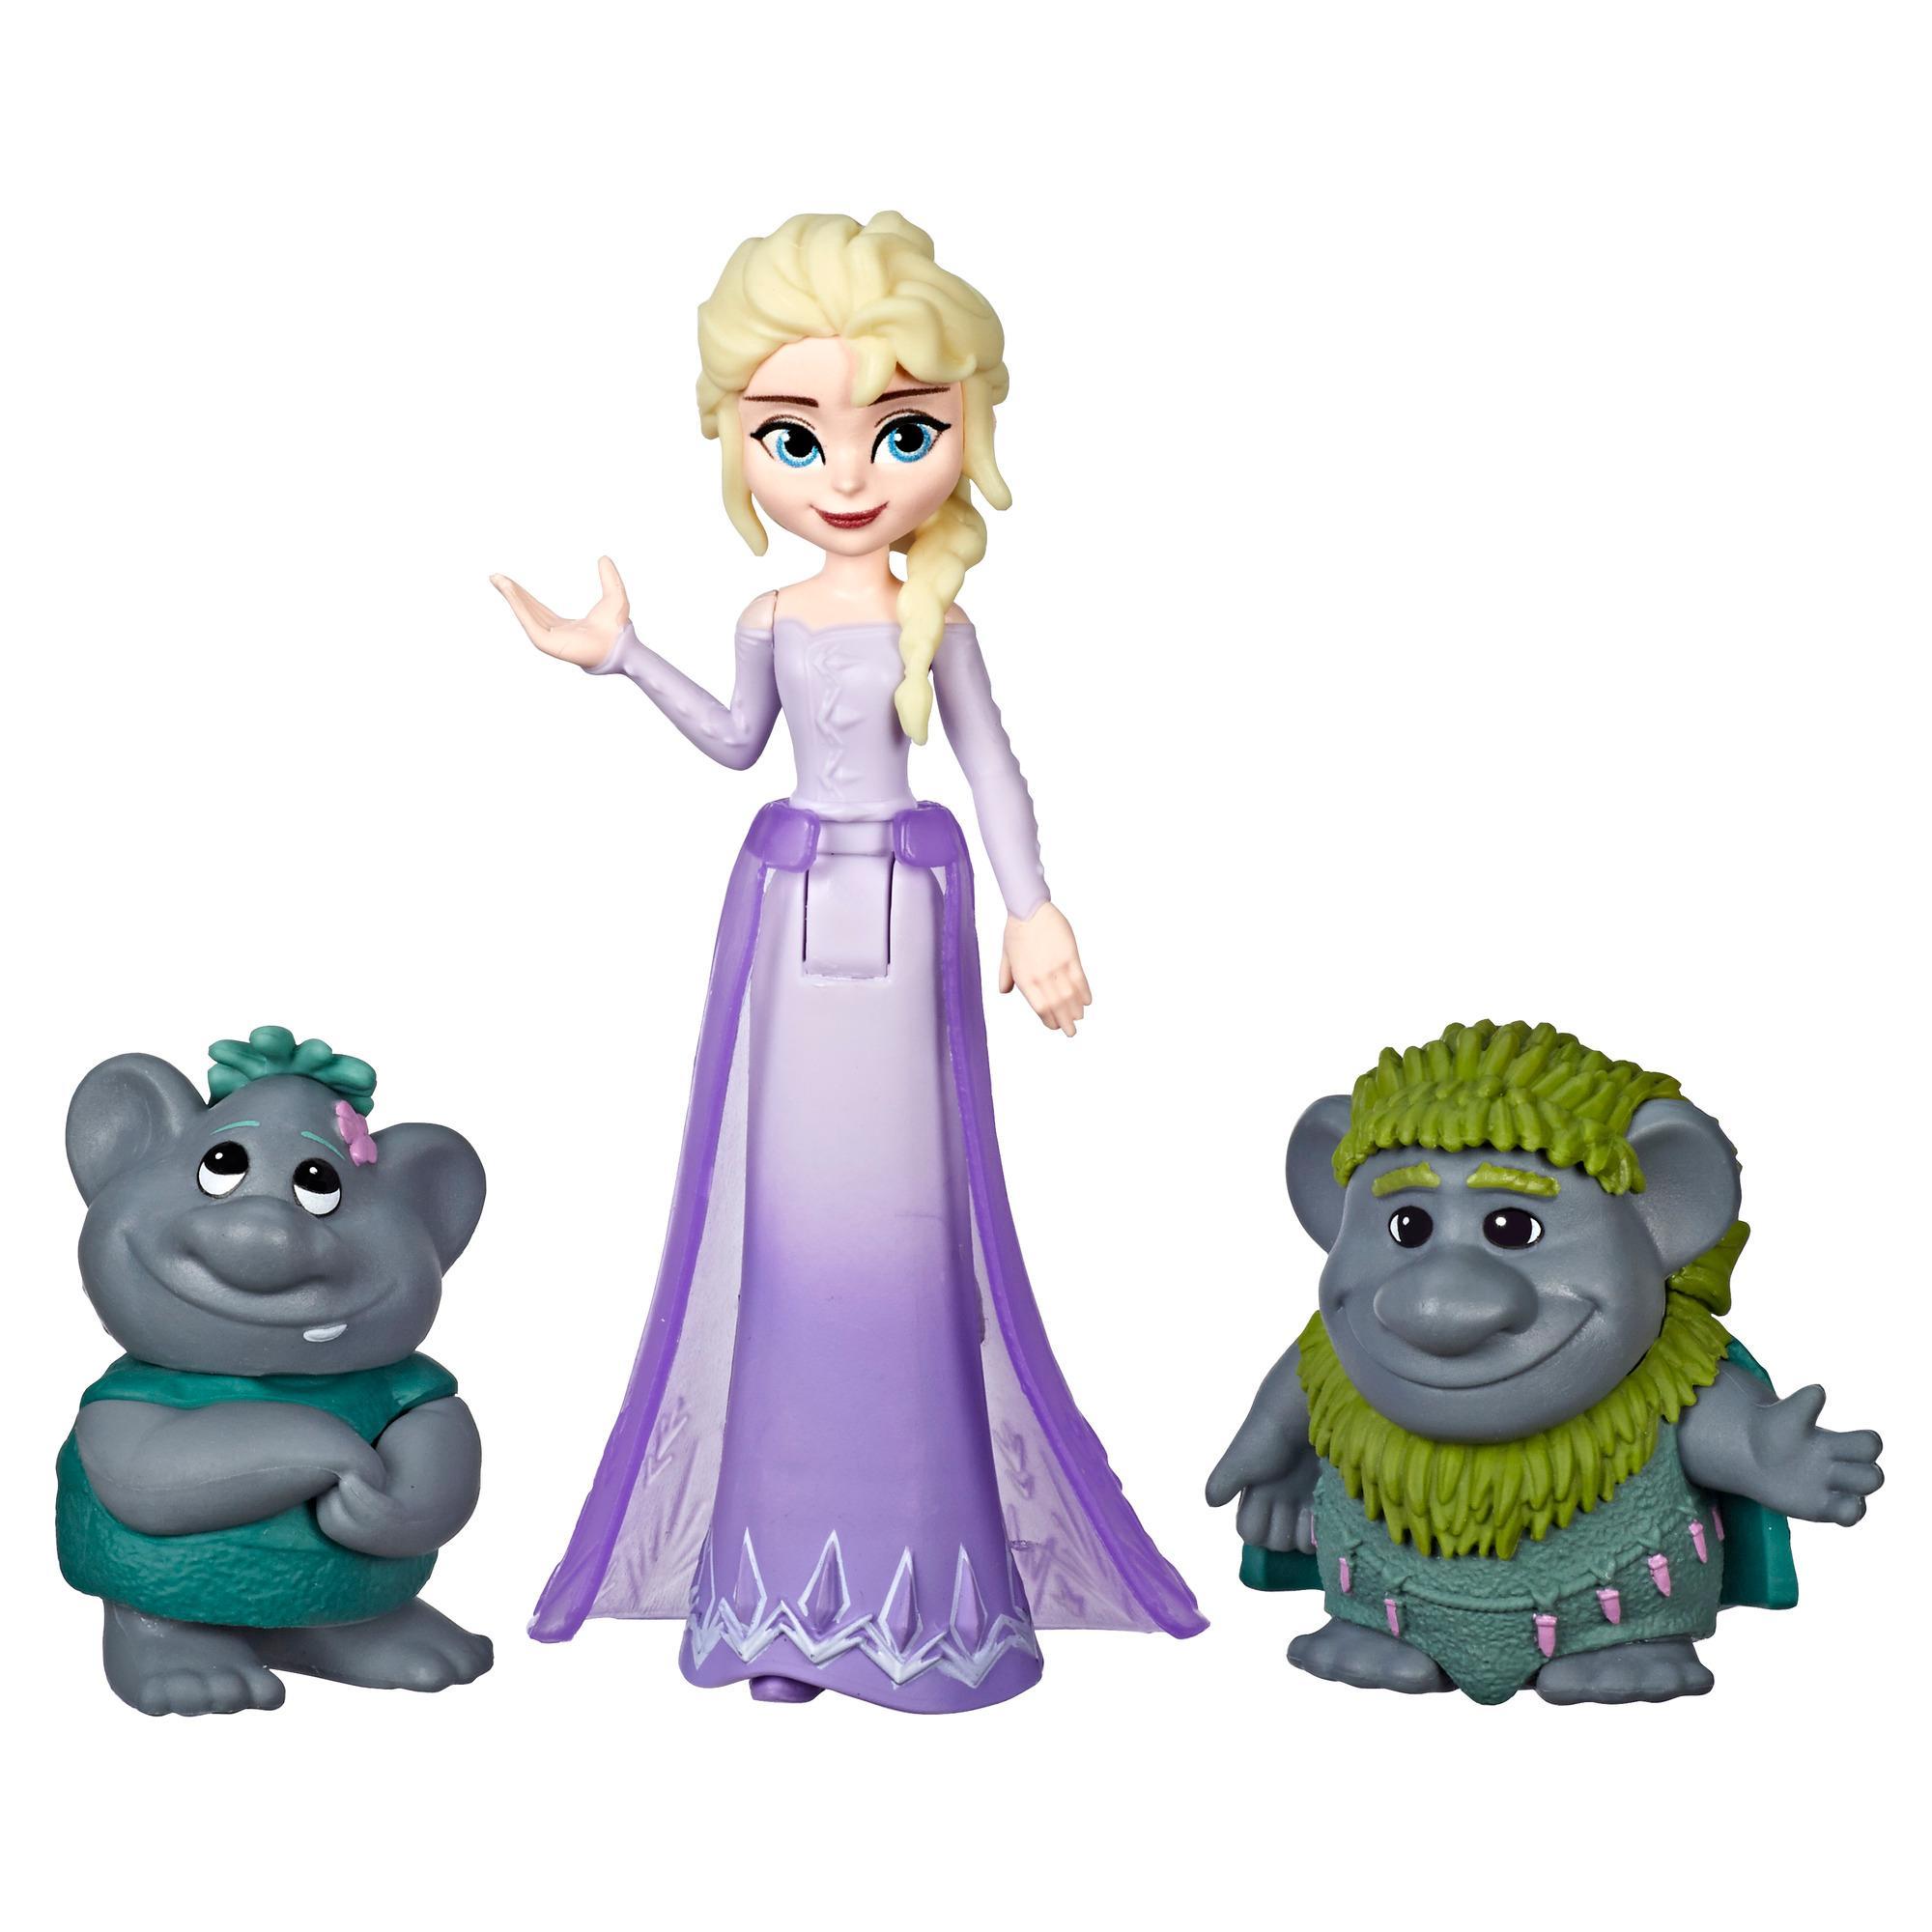 Disney Frozen - Muñeca pequeña de Elsa y figuras de Trolls inspiradas en la película de Disney Frozen 2